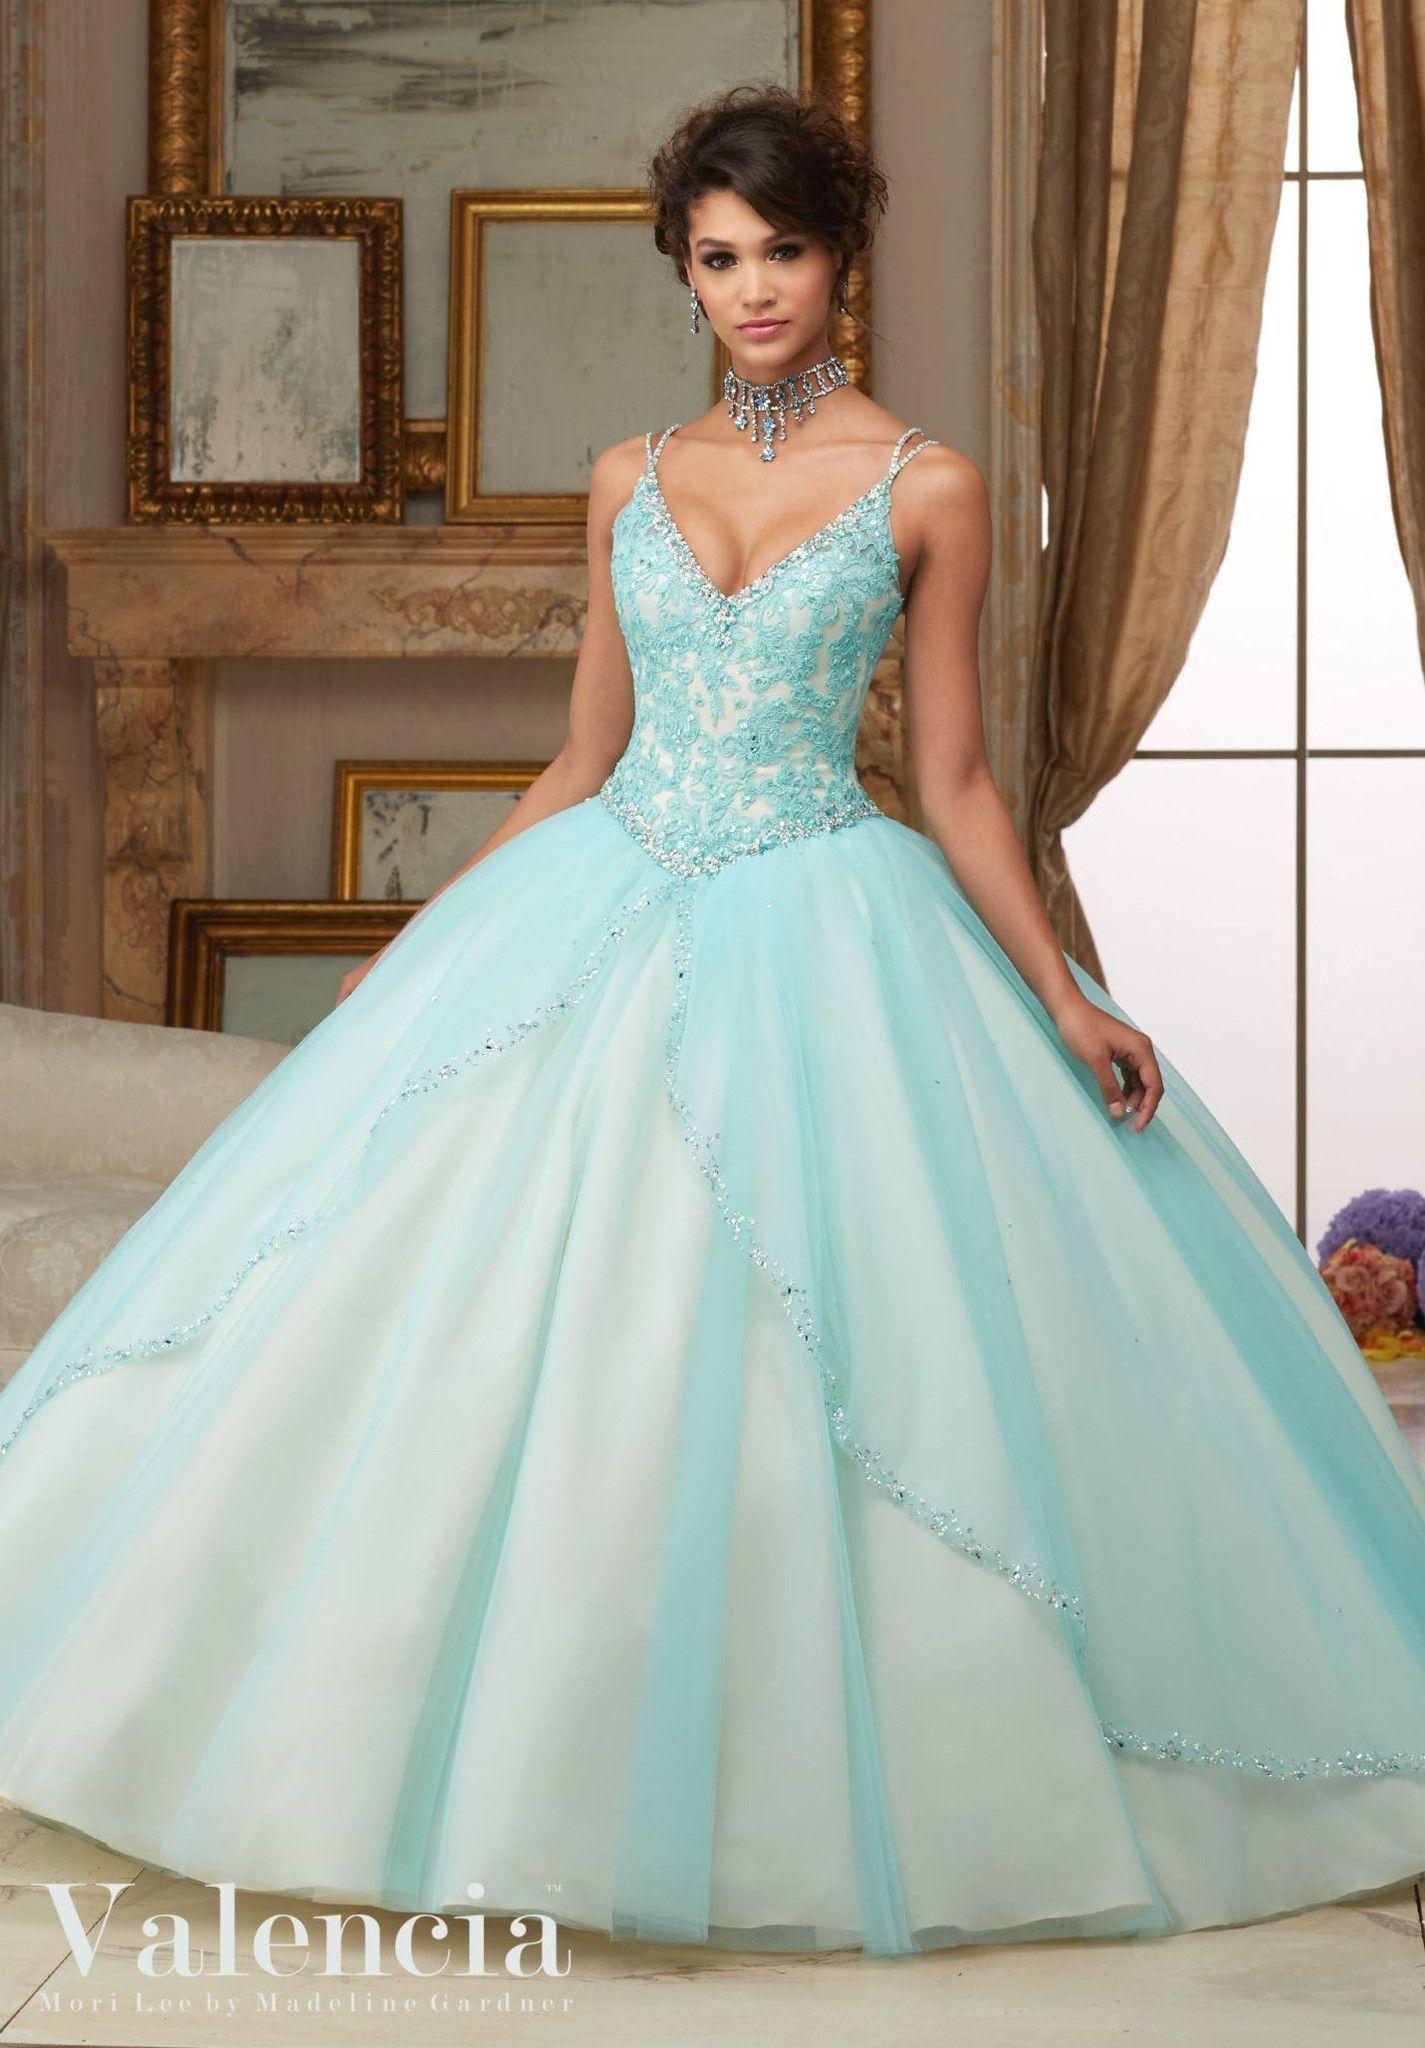 Mori Lee Valencia Quinceanera Dress 60002 | Festliche kleider ...